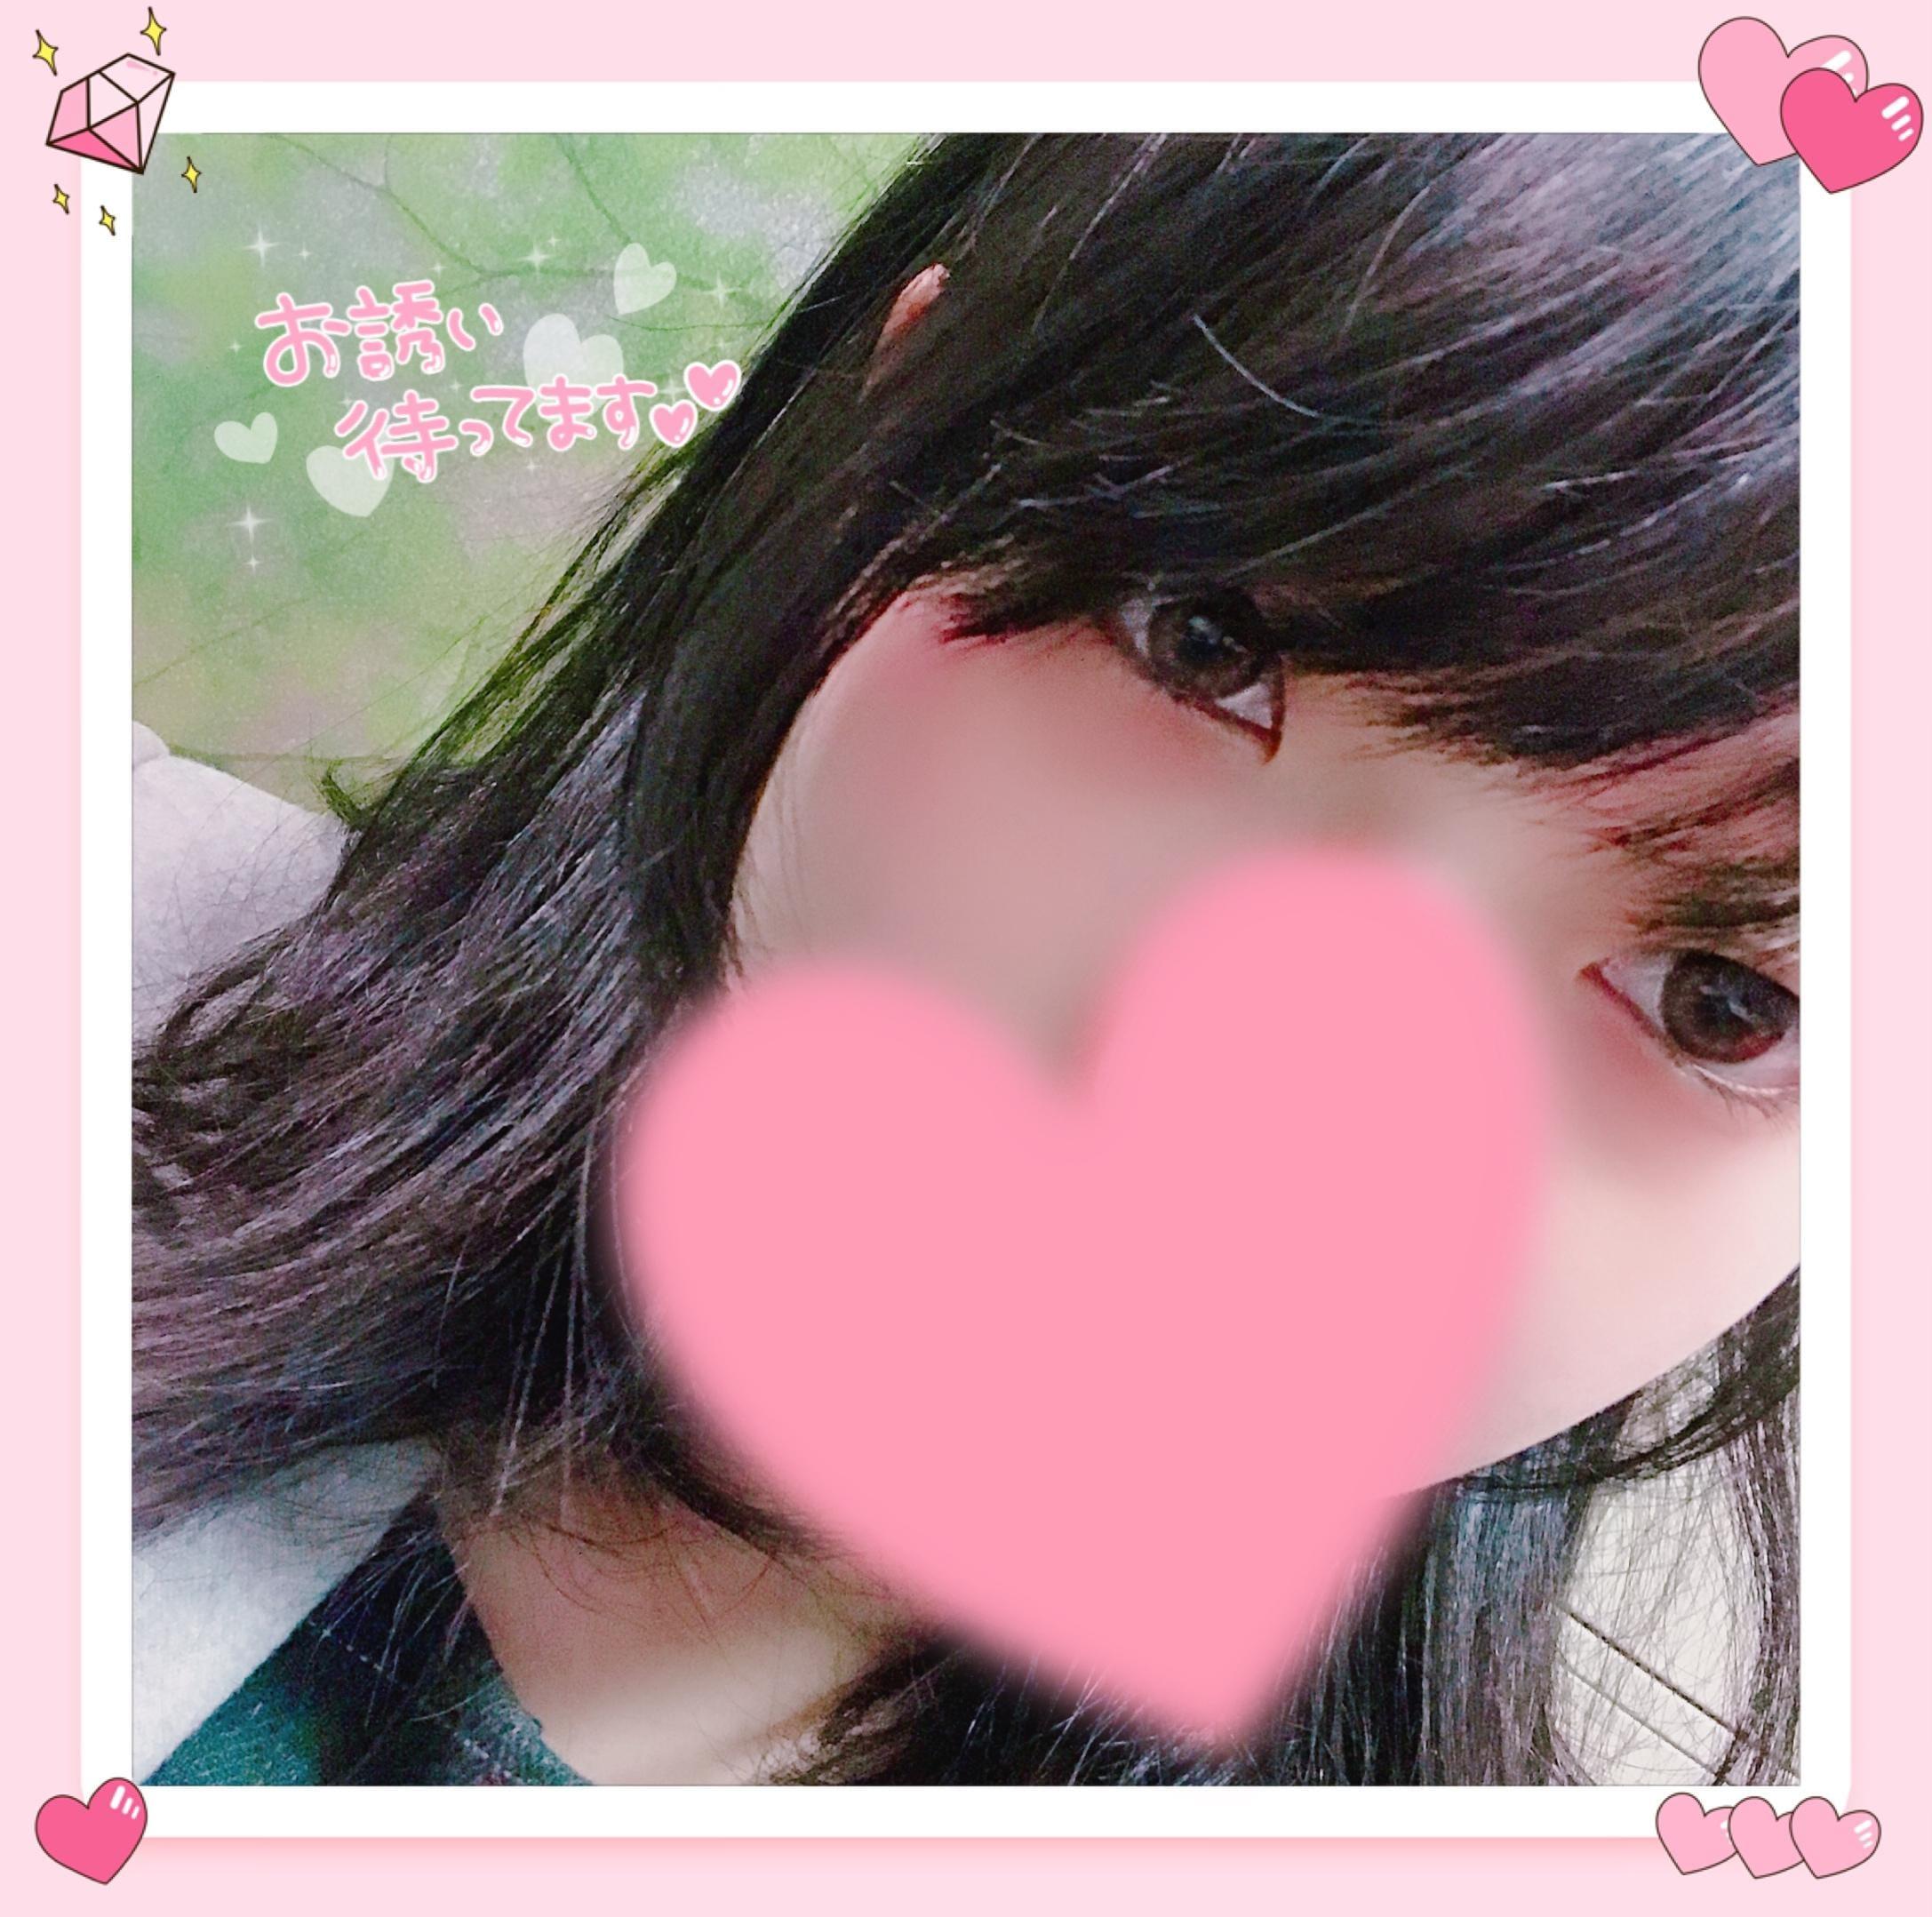 「はじめまして」01/14(01/14) 16:48 | ゆみる(18歳未経験娘)の写メ・風俗動画